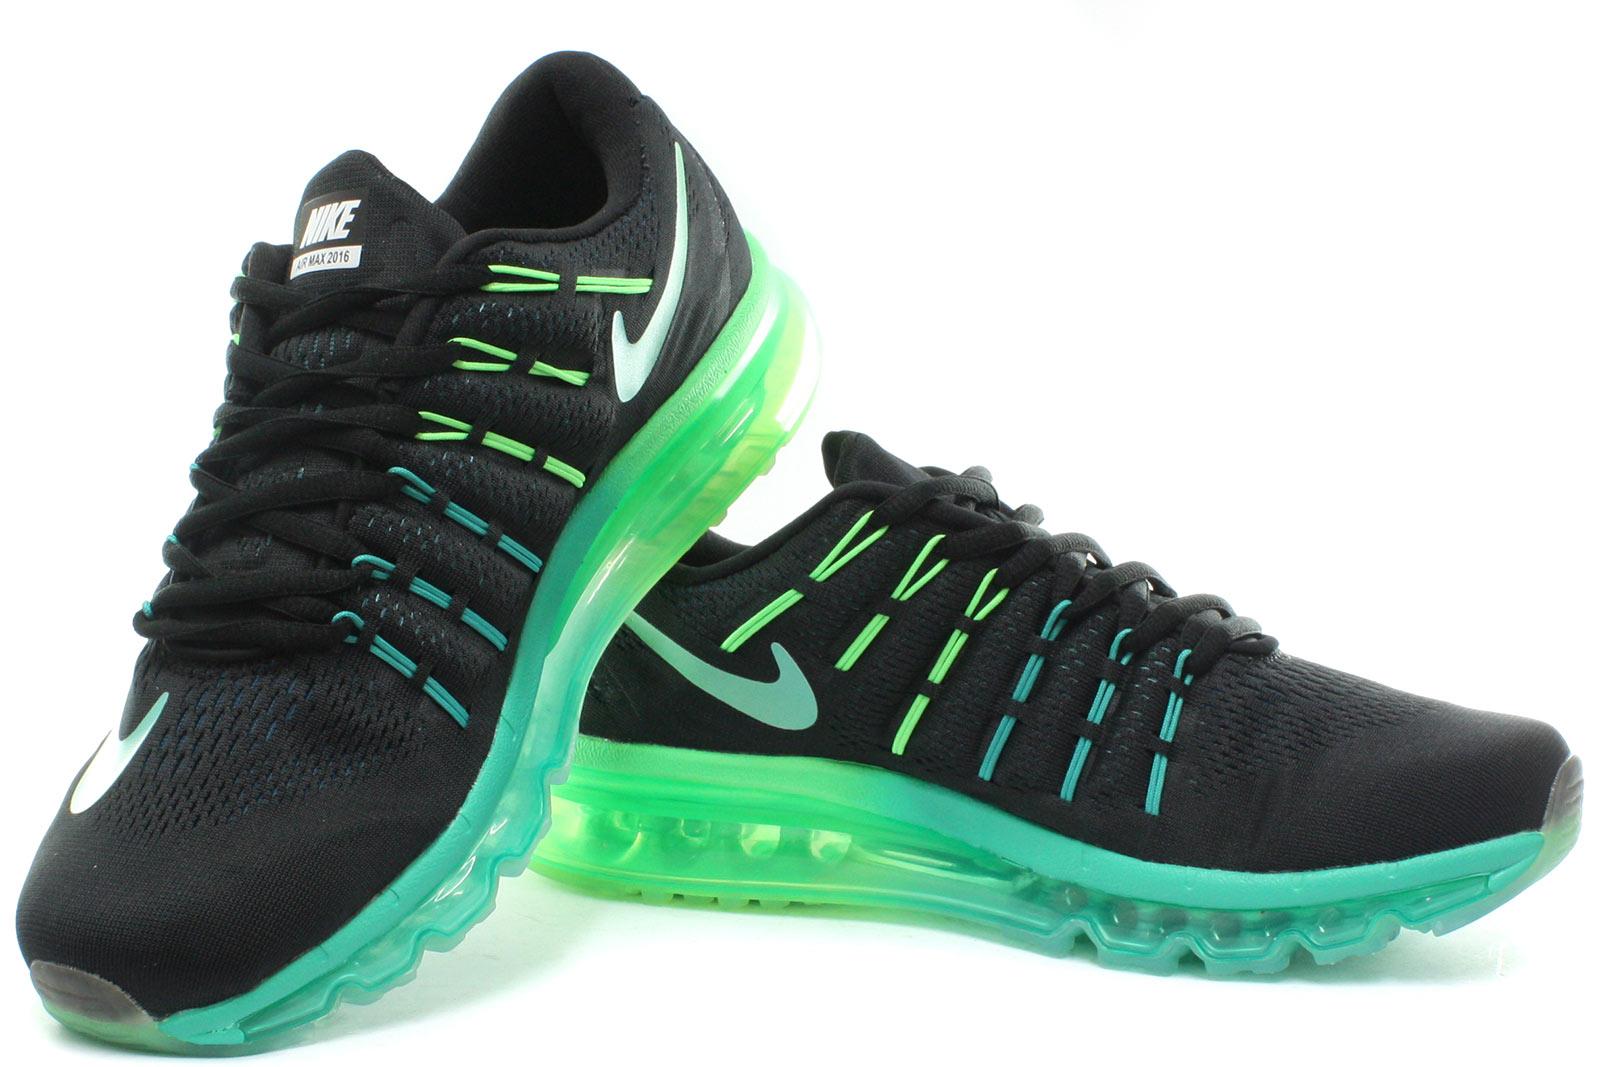 Nike Air Max 2018 Zapatos para hombre Todas Correr/Zapatillas Todas hombre Las Tallas Y Colores 910aba